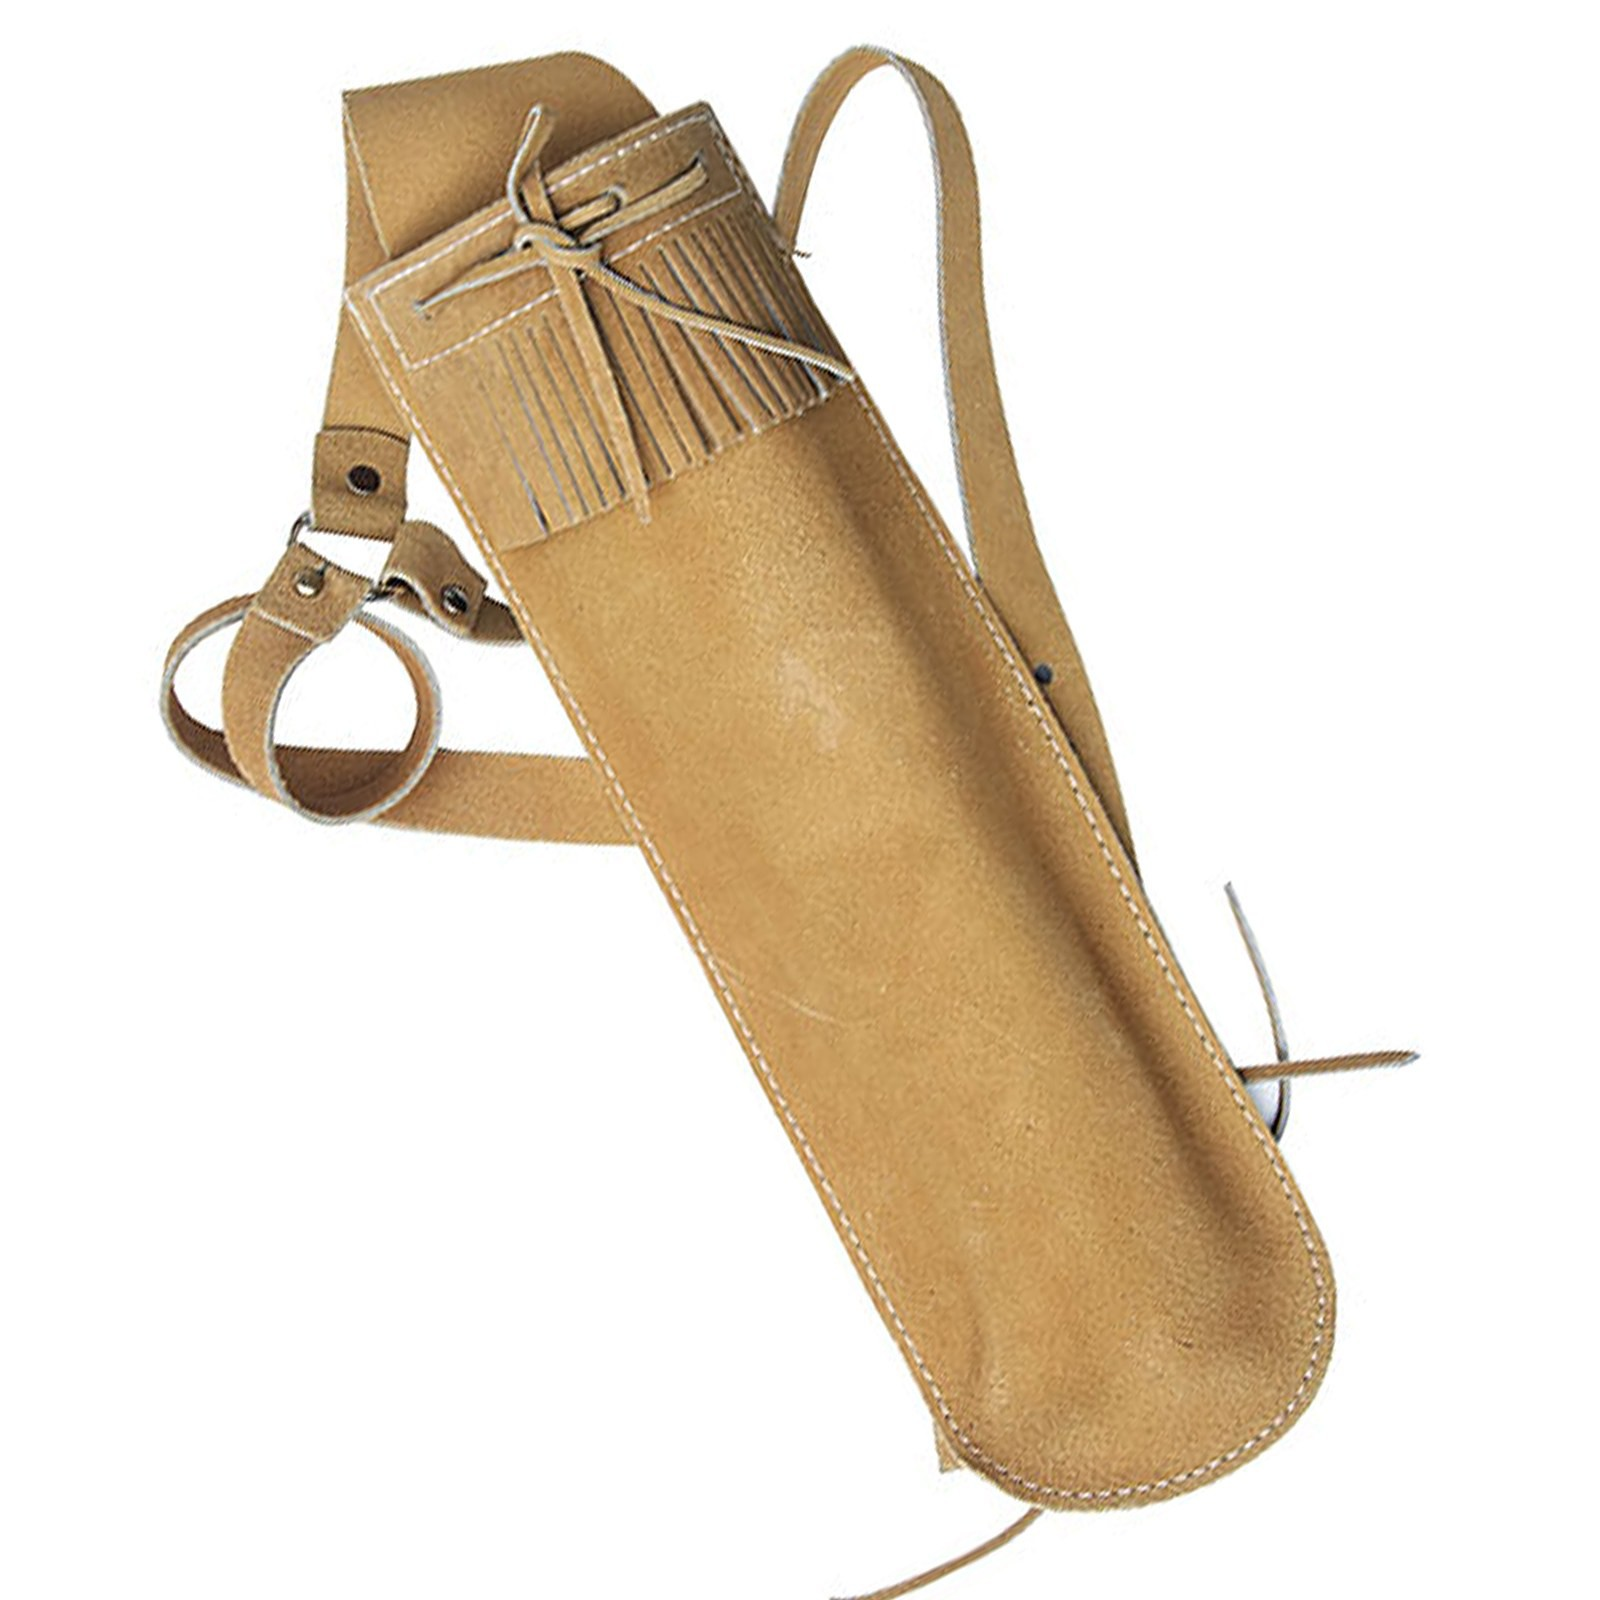 Arco Per Porta guanto guanti guantino basic per arco in pelle da tiro